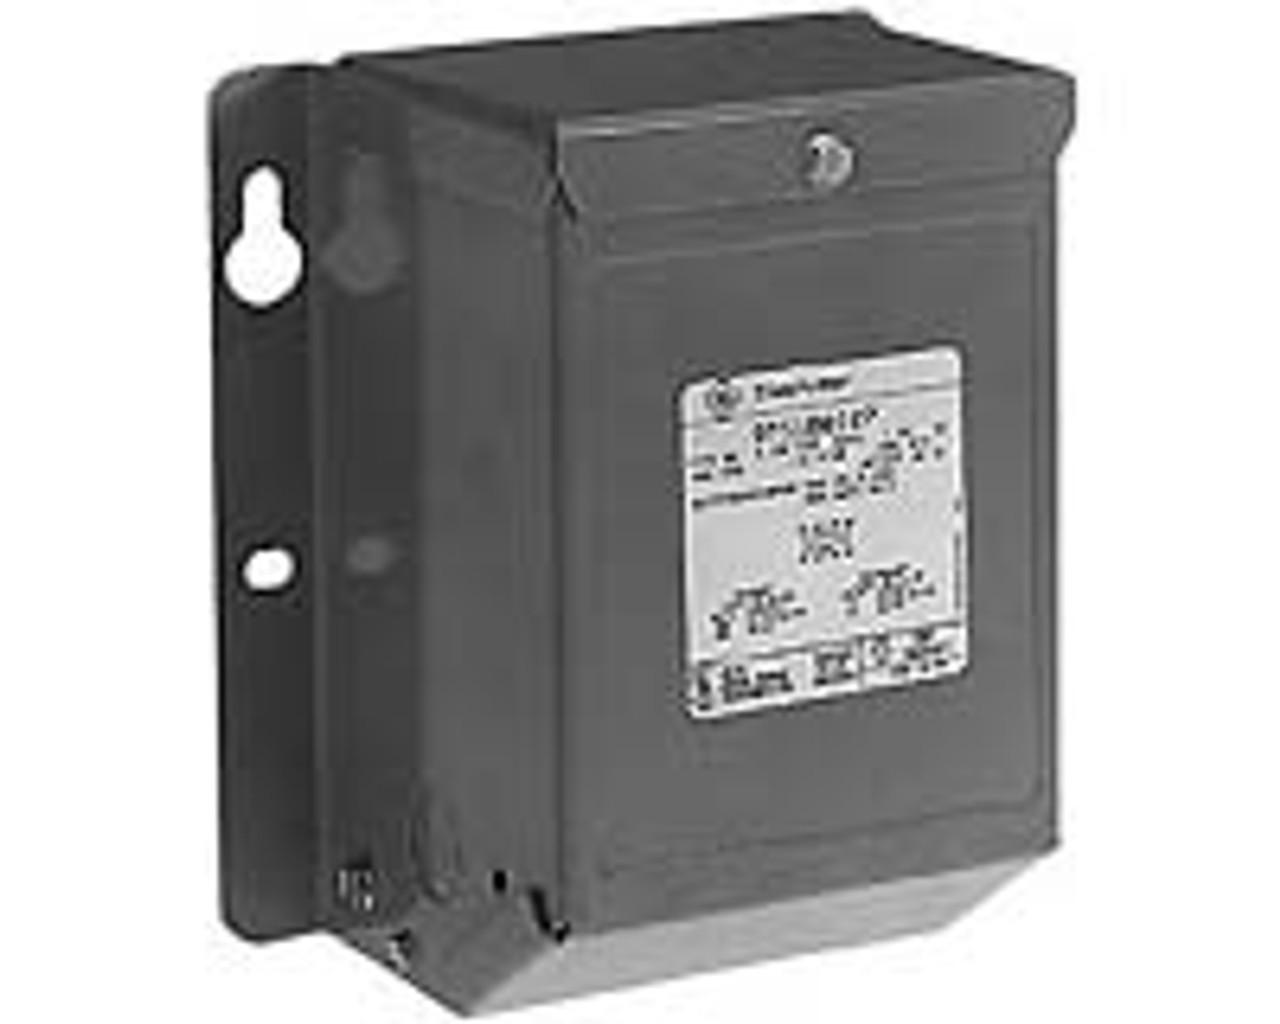 GE 9T51B0502 - 0.05 KVA 240x480 TO 120x240 VOLTS 1PH TRANSFORMER